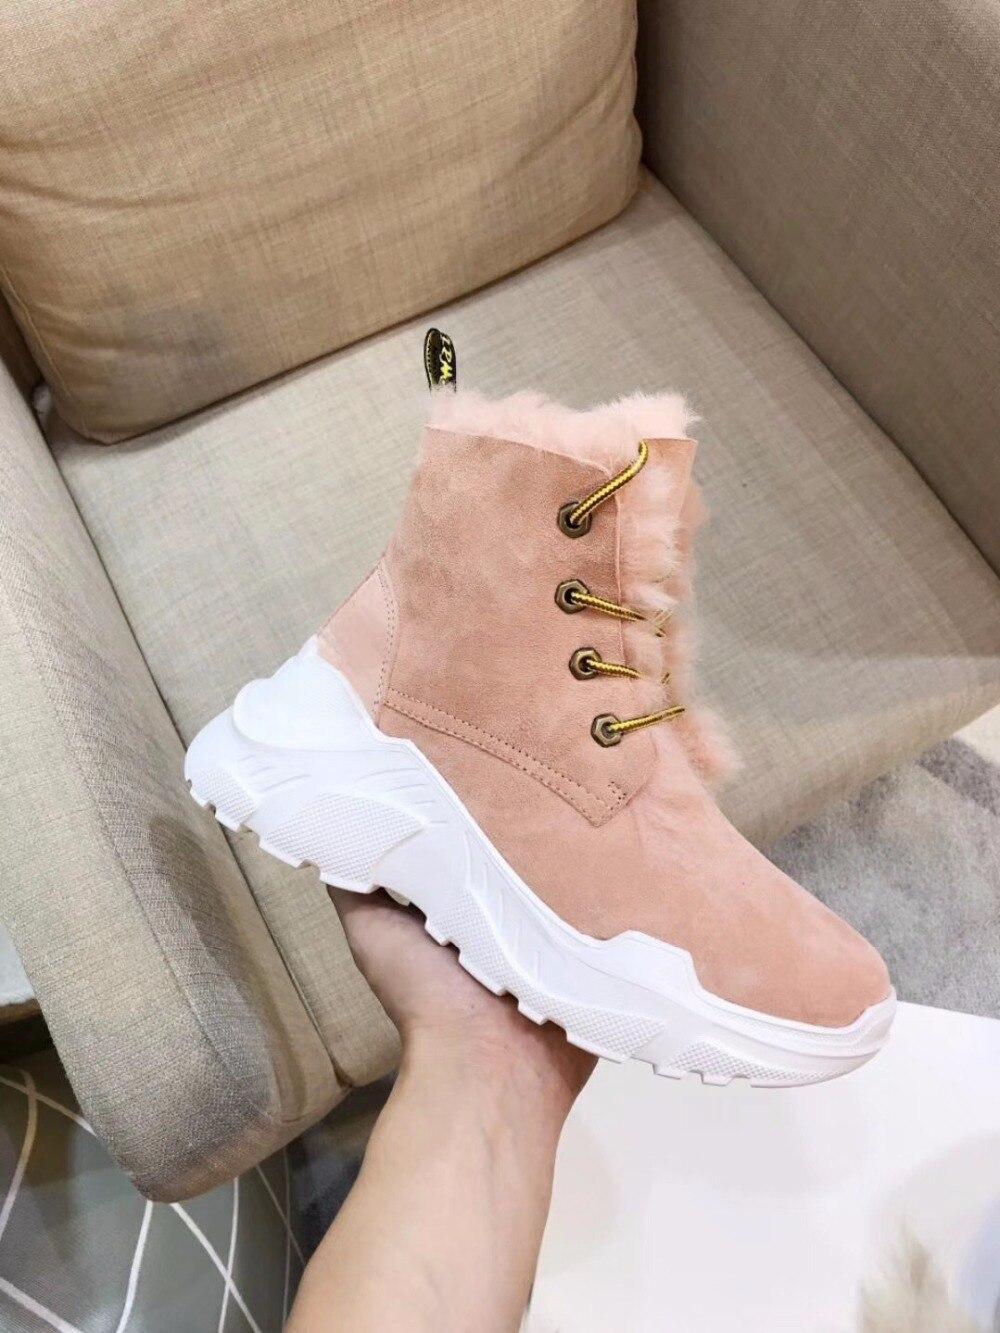 2018 Europeo 100 Stivali pink Grey Da Le Alta Pecora Pelle Neve Donne Di Ultimo Naturale Vera Stile white yellow Qualità Lana wXXr7Hqx